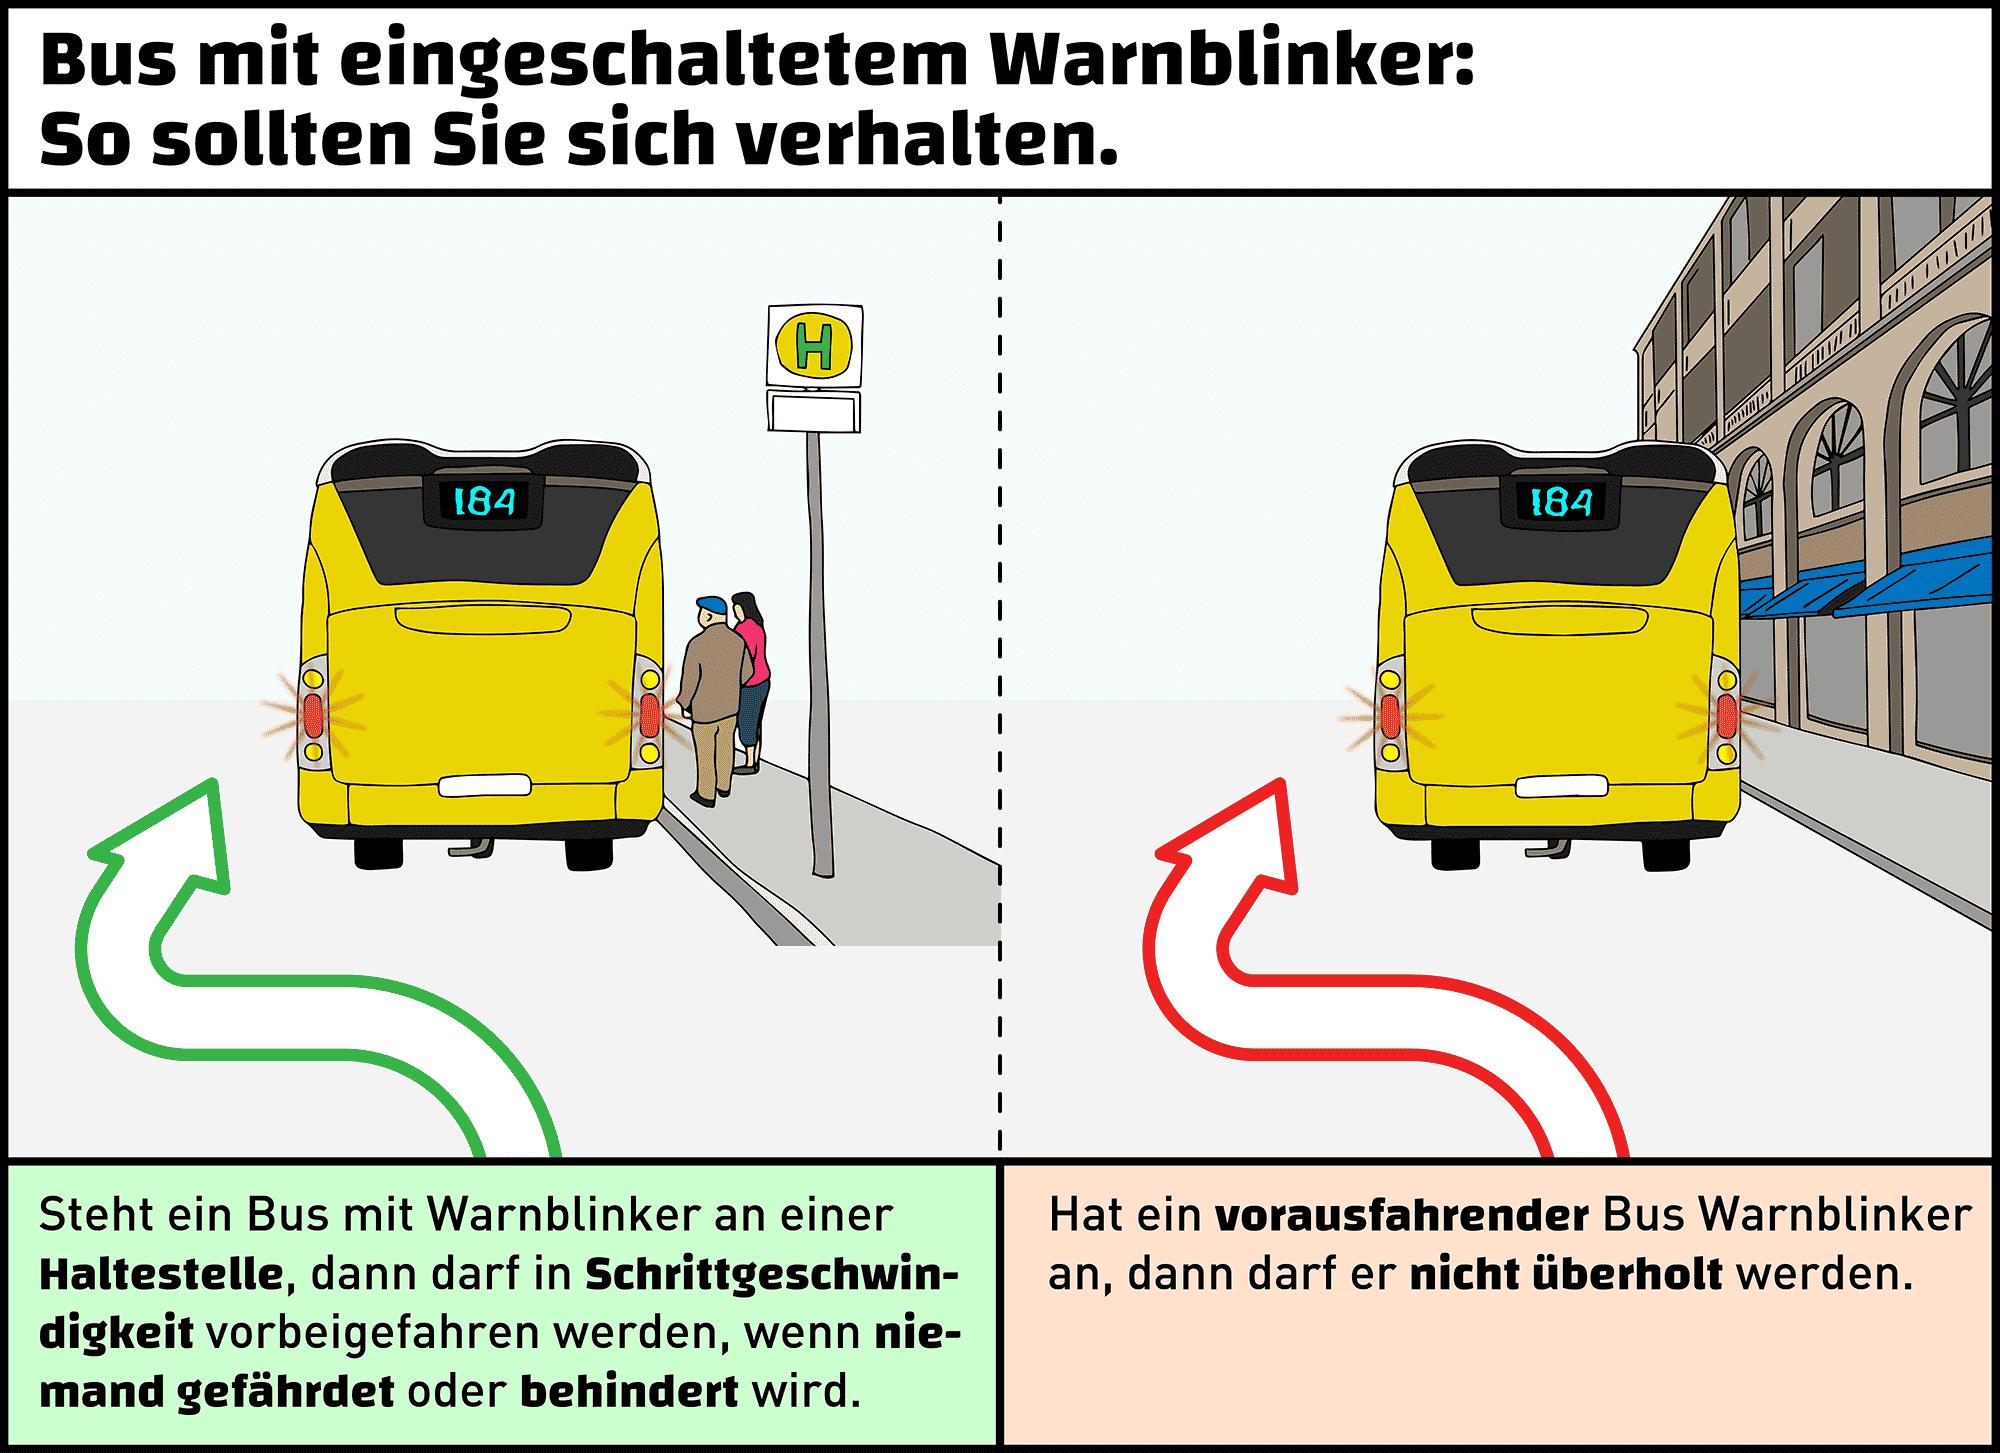 Klicken Sie auf die Grafik, um zu sehen, wie Sie sich bei einem Bus mit Warnblinker verhalten müssen.